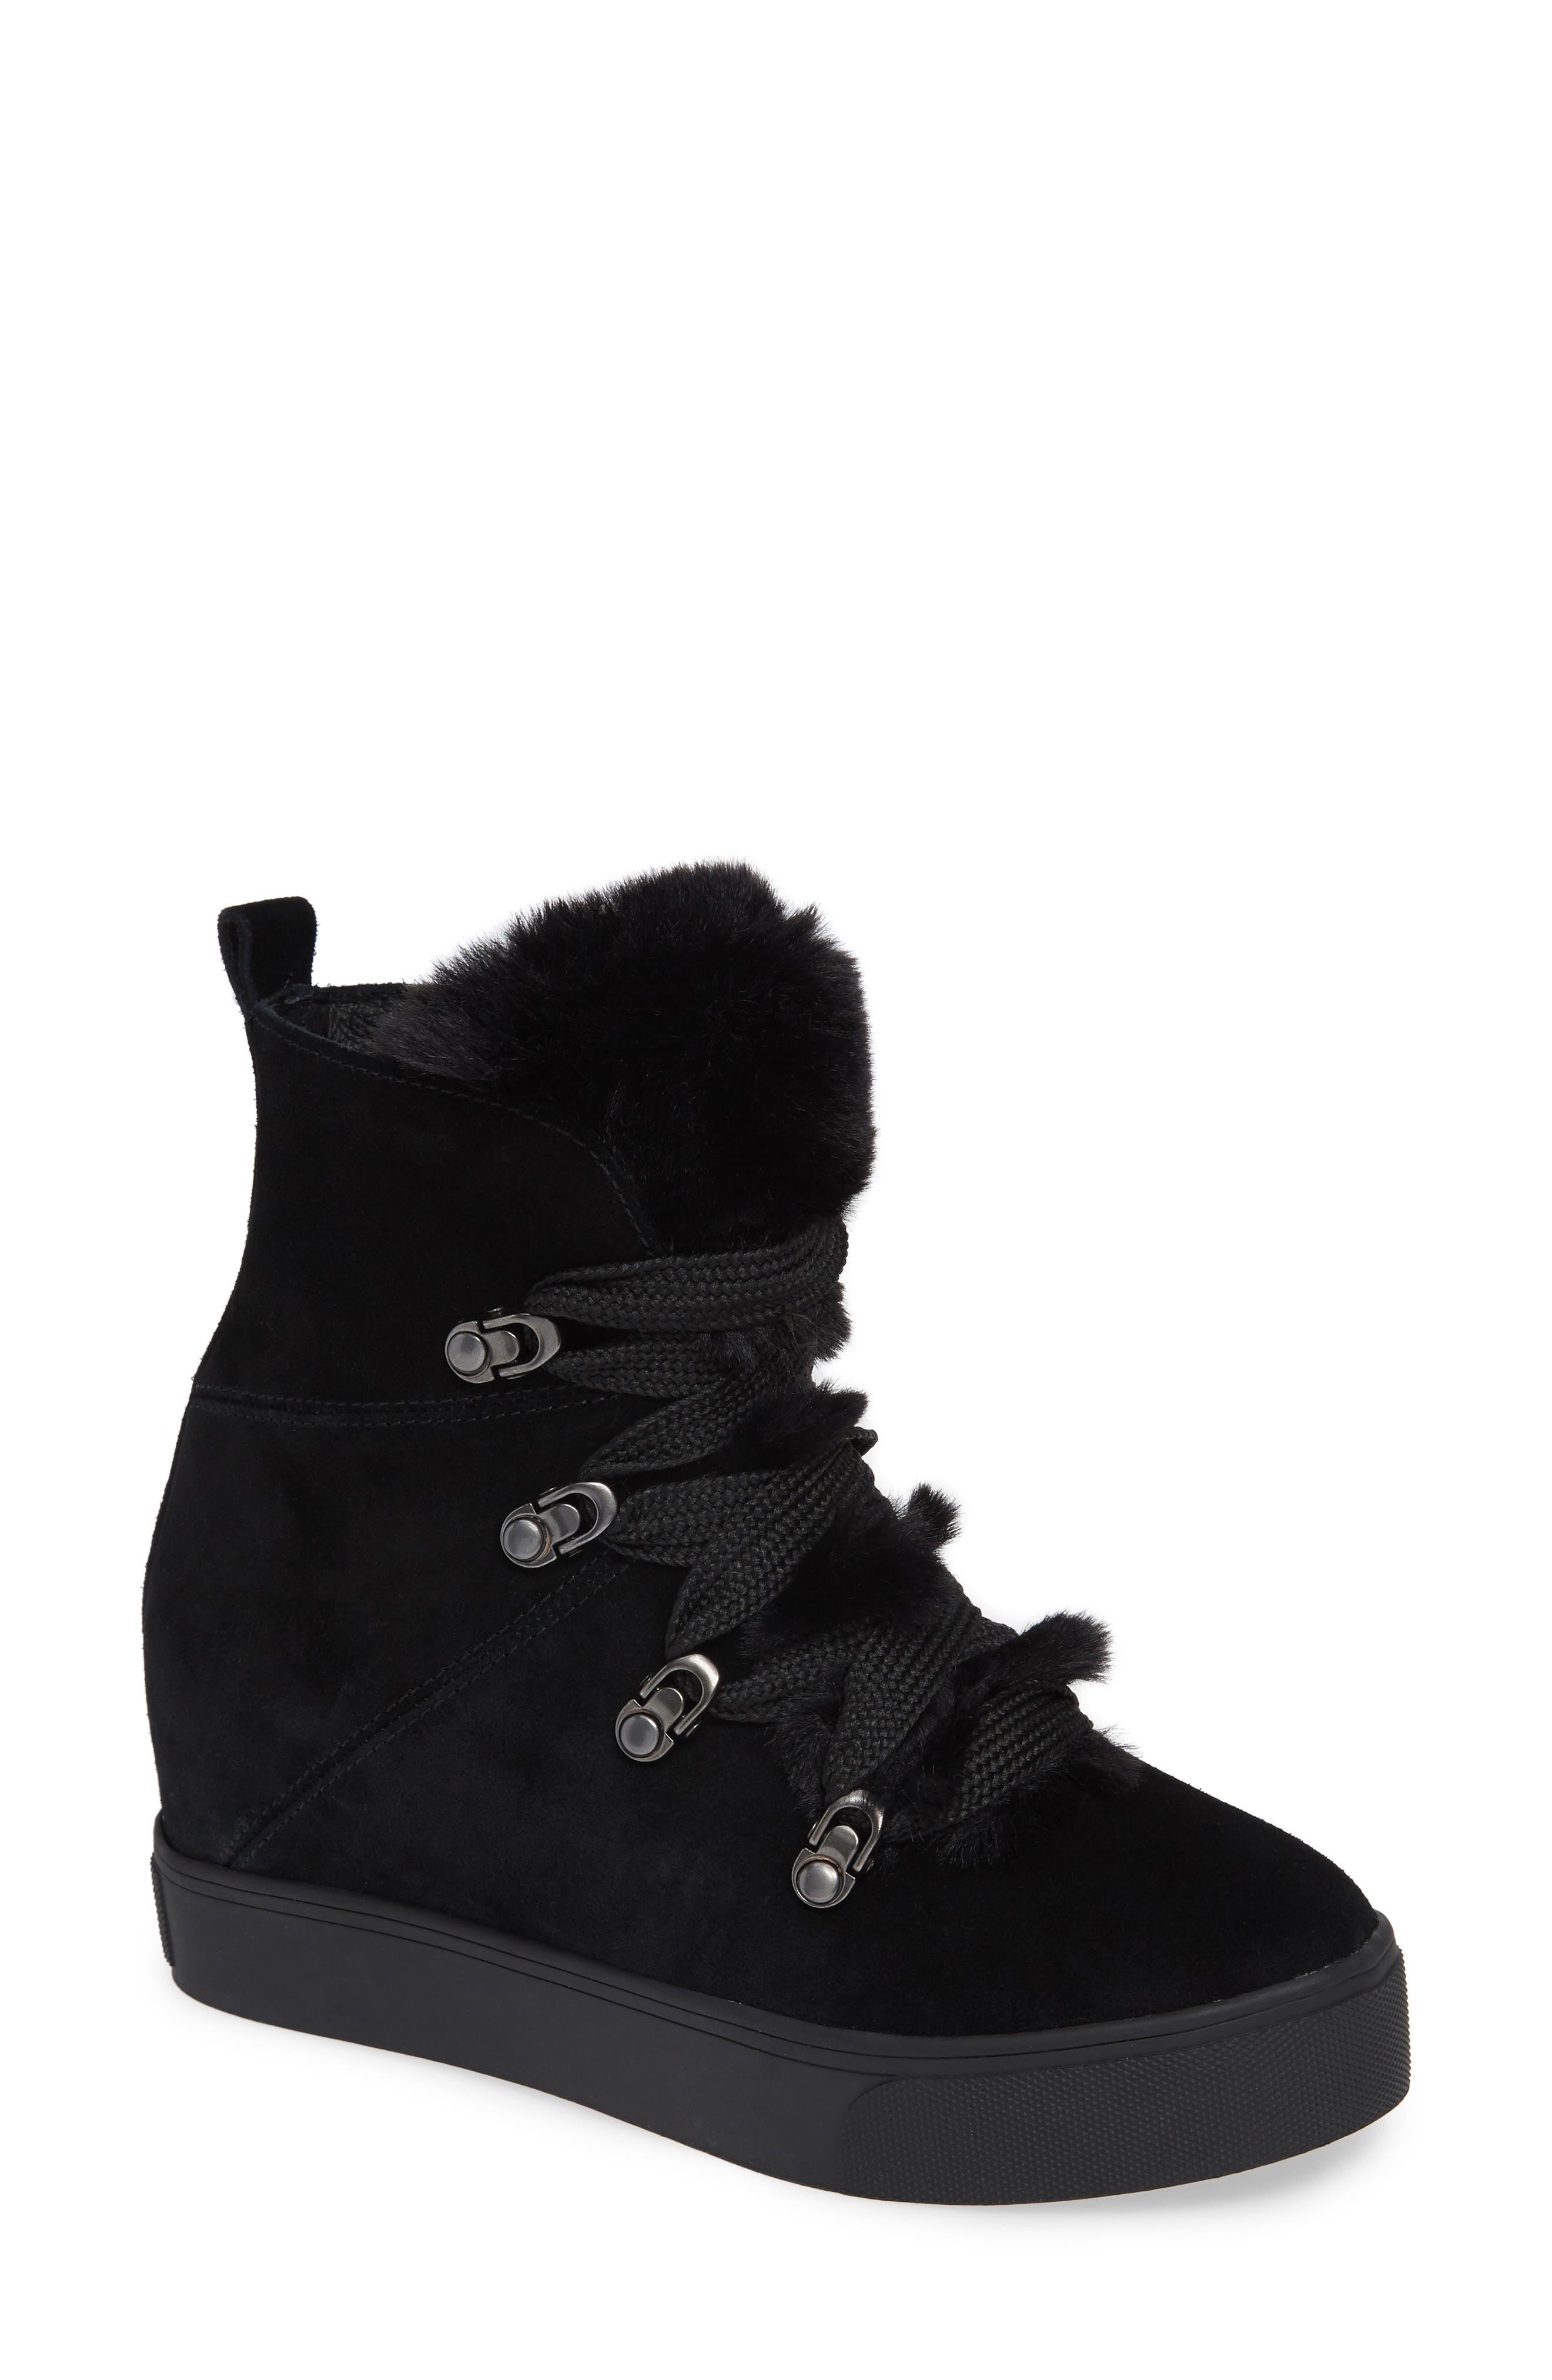 Jslides Whitney Faux Fur Trim High Top Sneaker